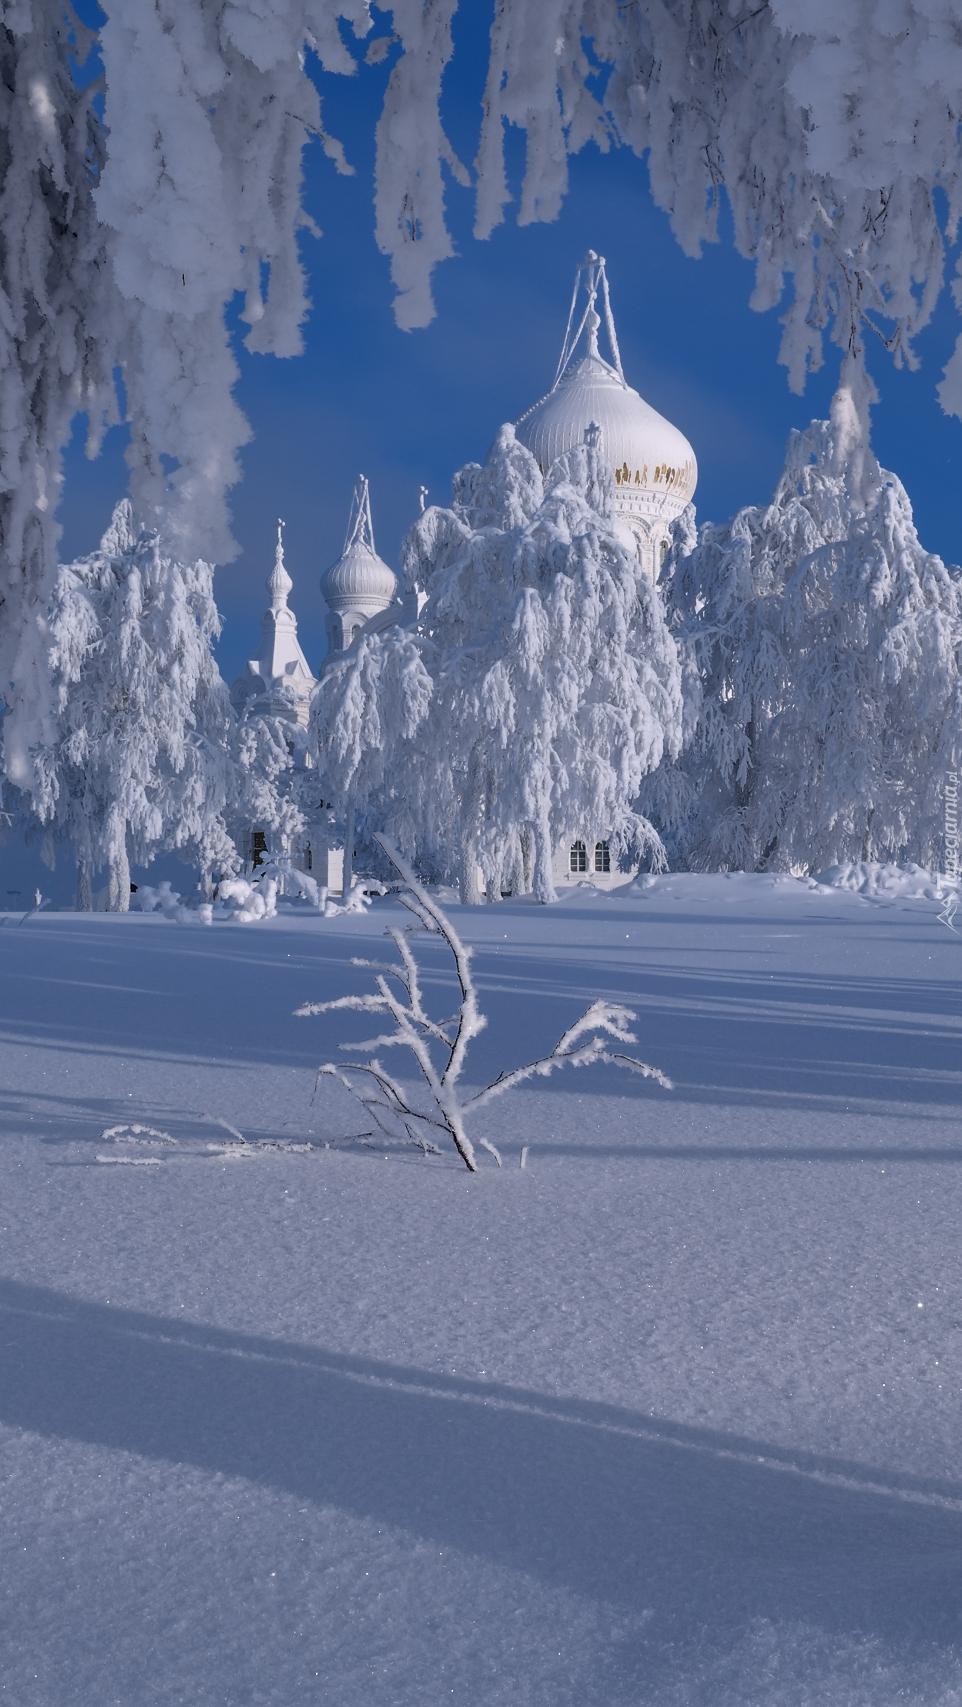 Ośnieżone drzewa i cerkiew w Białej Górze